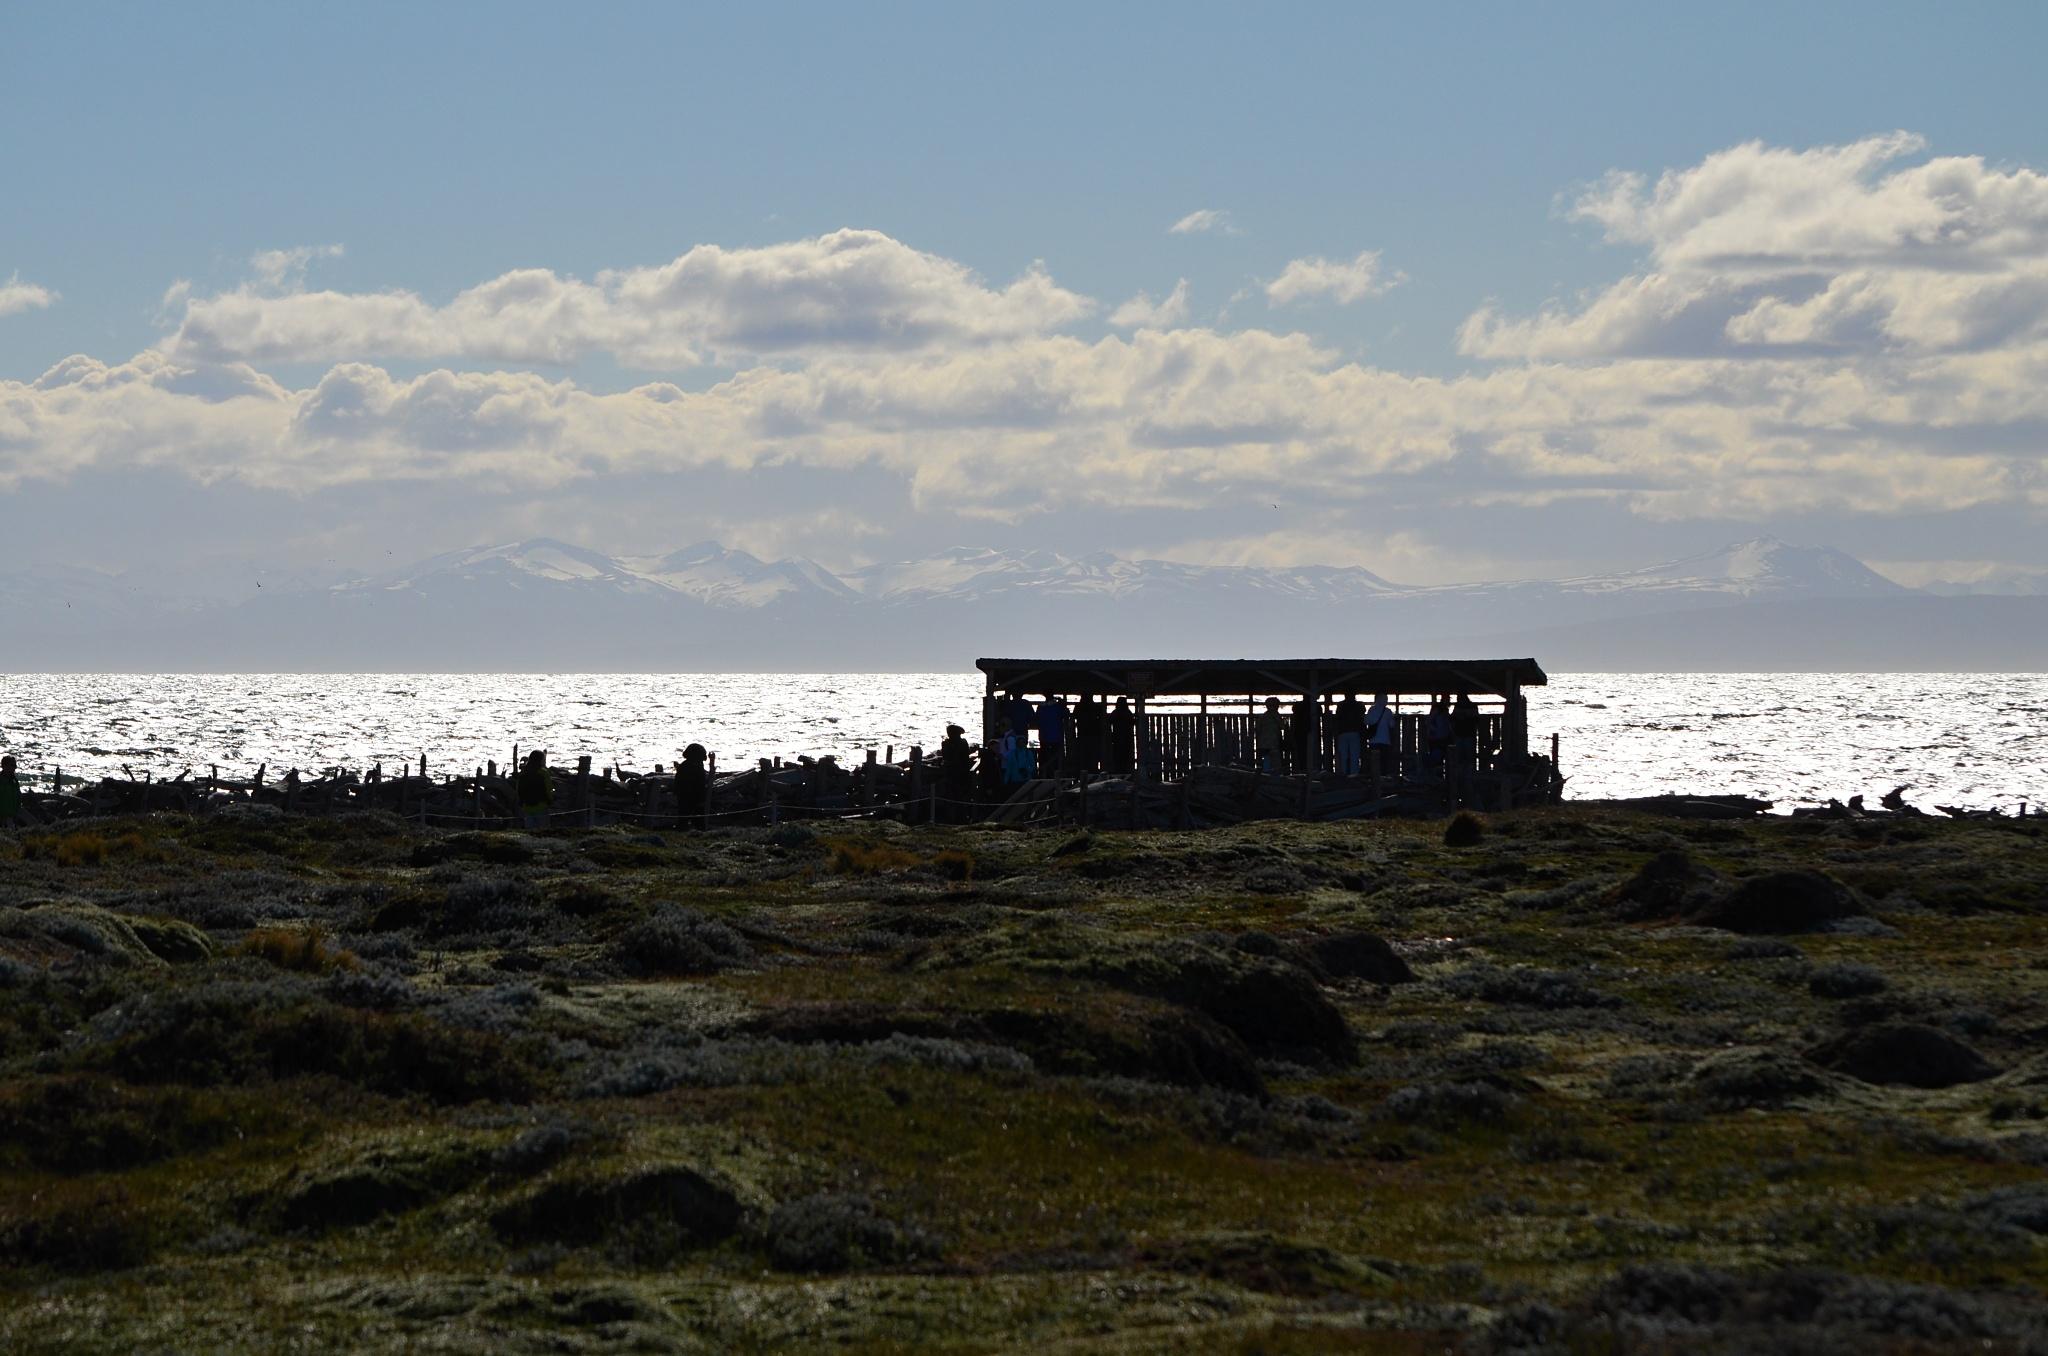 Dřevěná pozorovatelna u moře, náš cíl